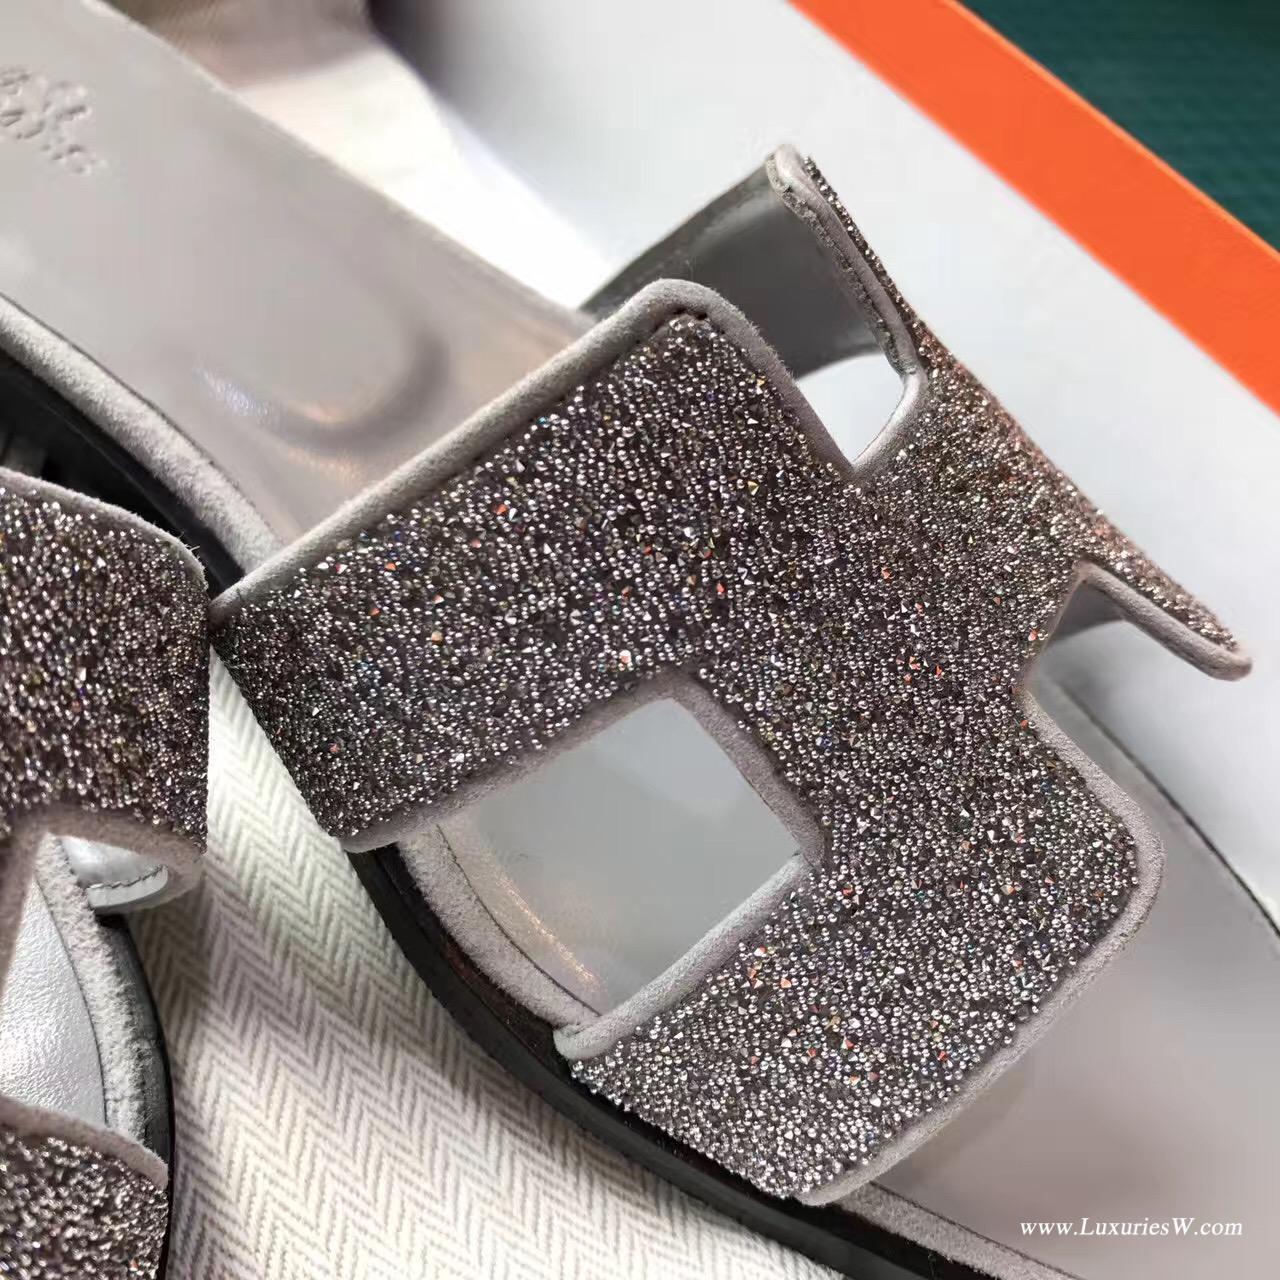 愛馬仕Hermes 經典款輕熟女涼鞋 H型拖鞋 大象灰亮晶晶中 平底涼拖鞋